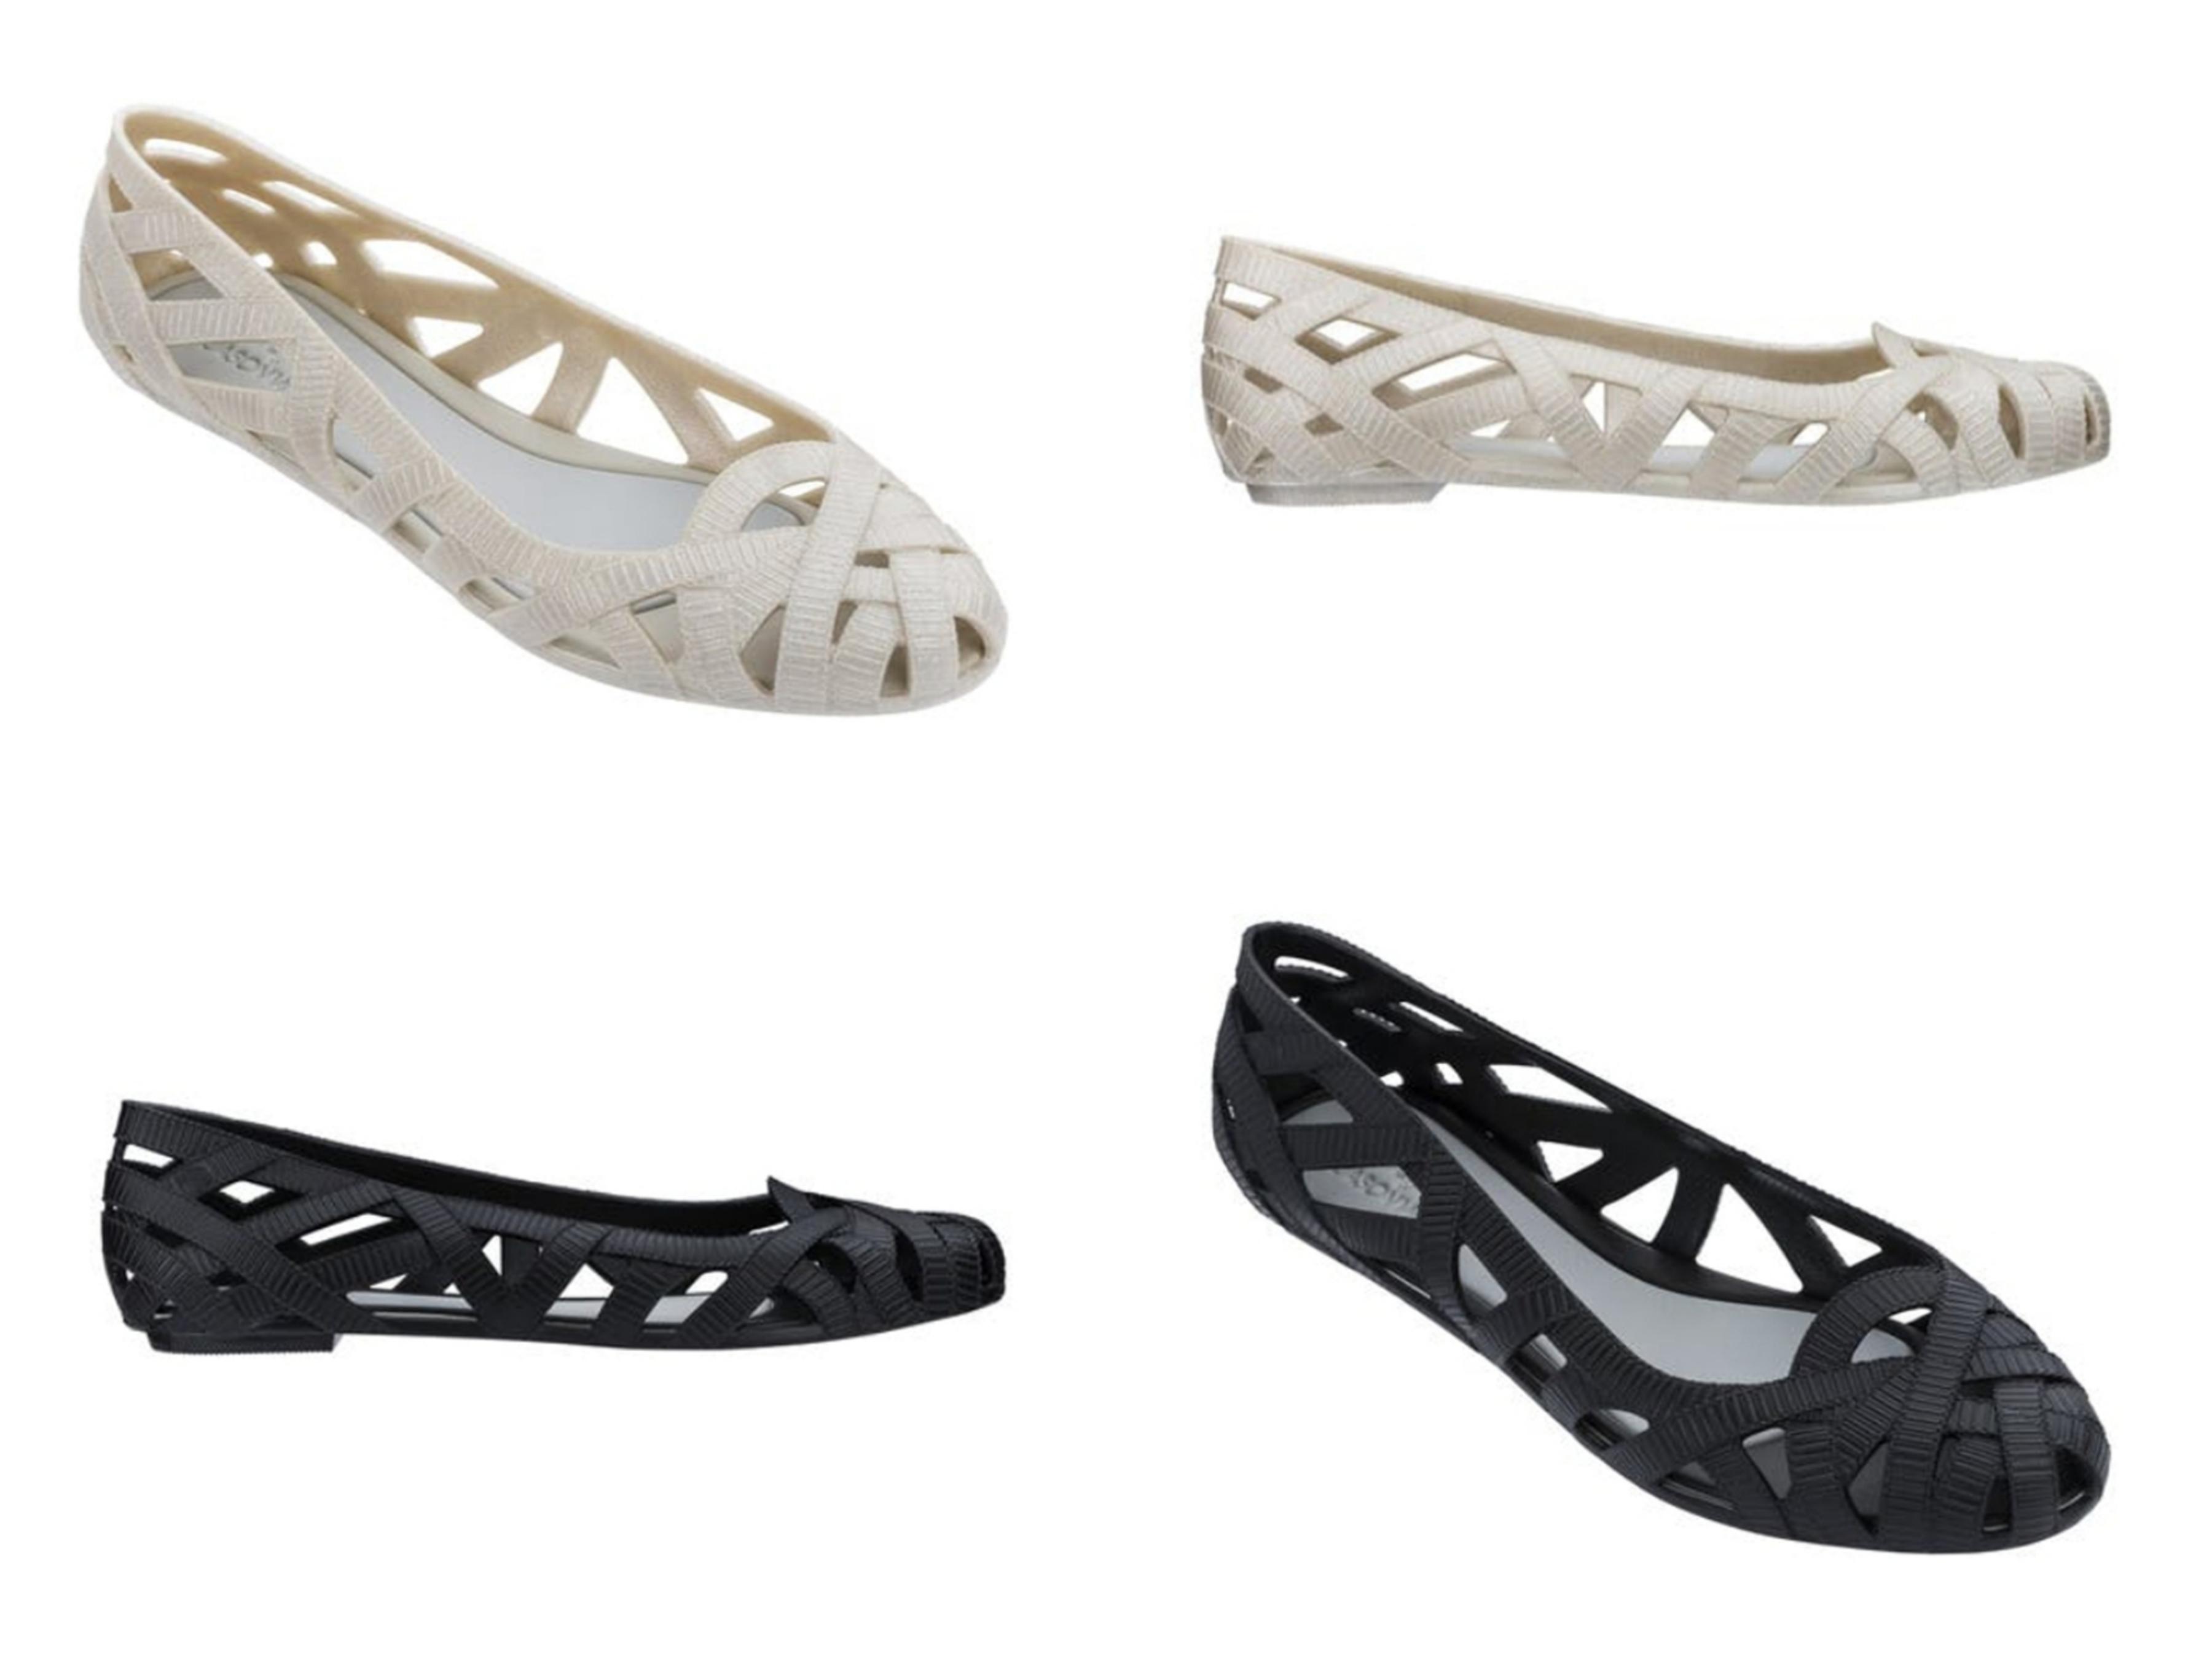 Jason Wu 聯名經典熱銷款,彈性且柔軟鞋底增加舒適性